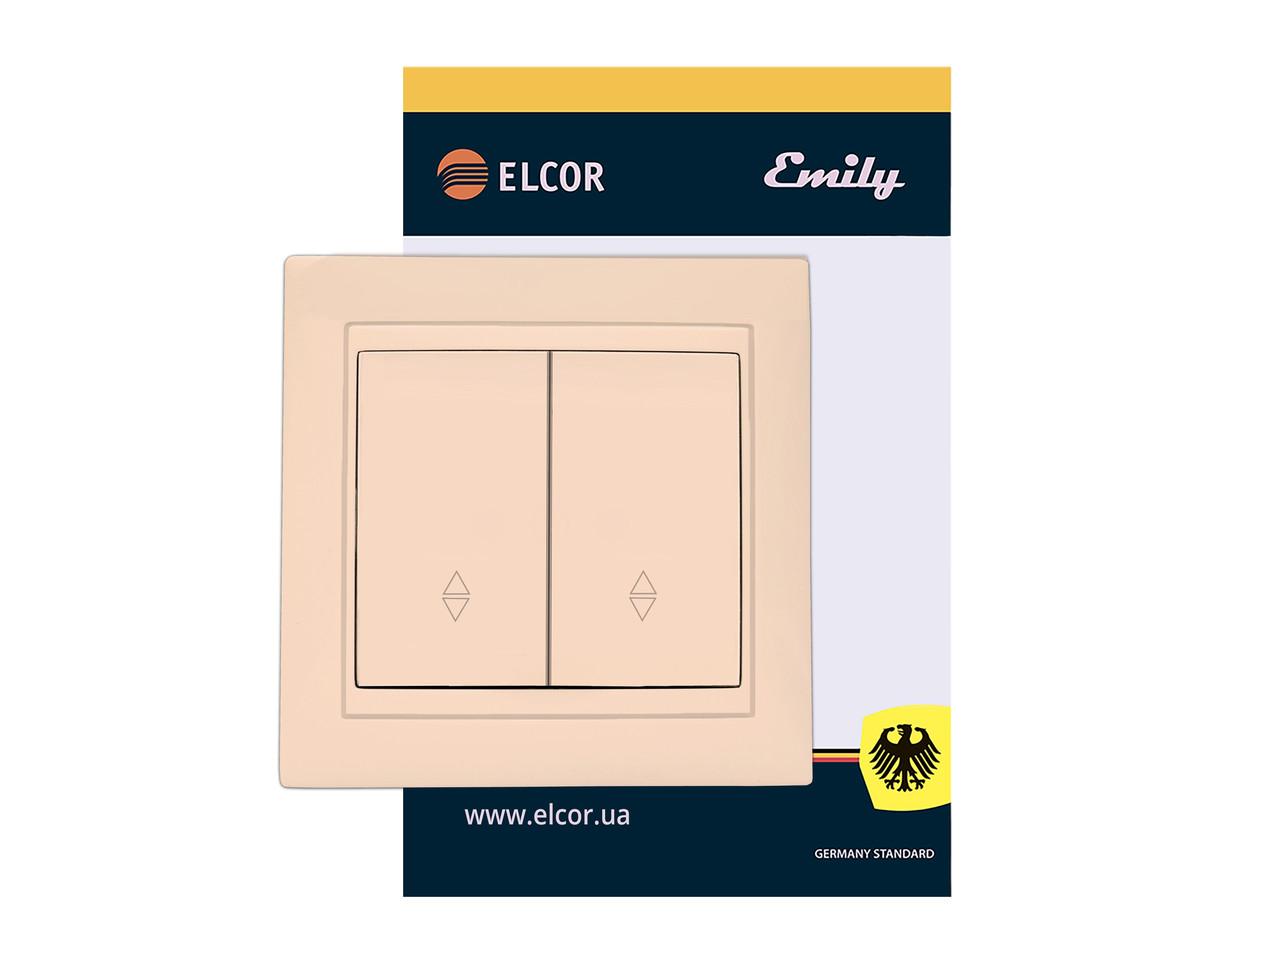 Вимикач 2-й прохідний Emily 9215 крем ELCOR